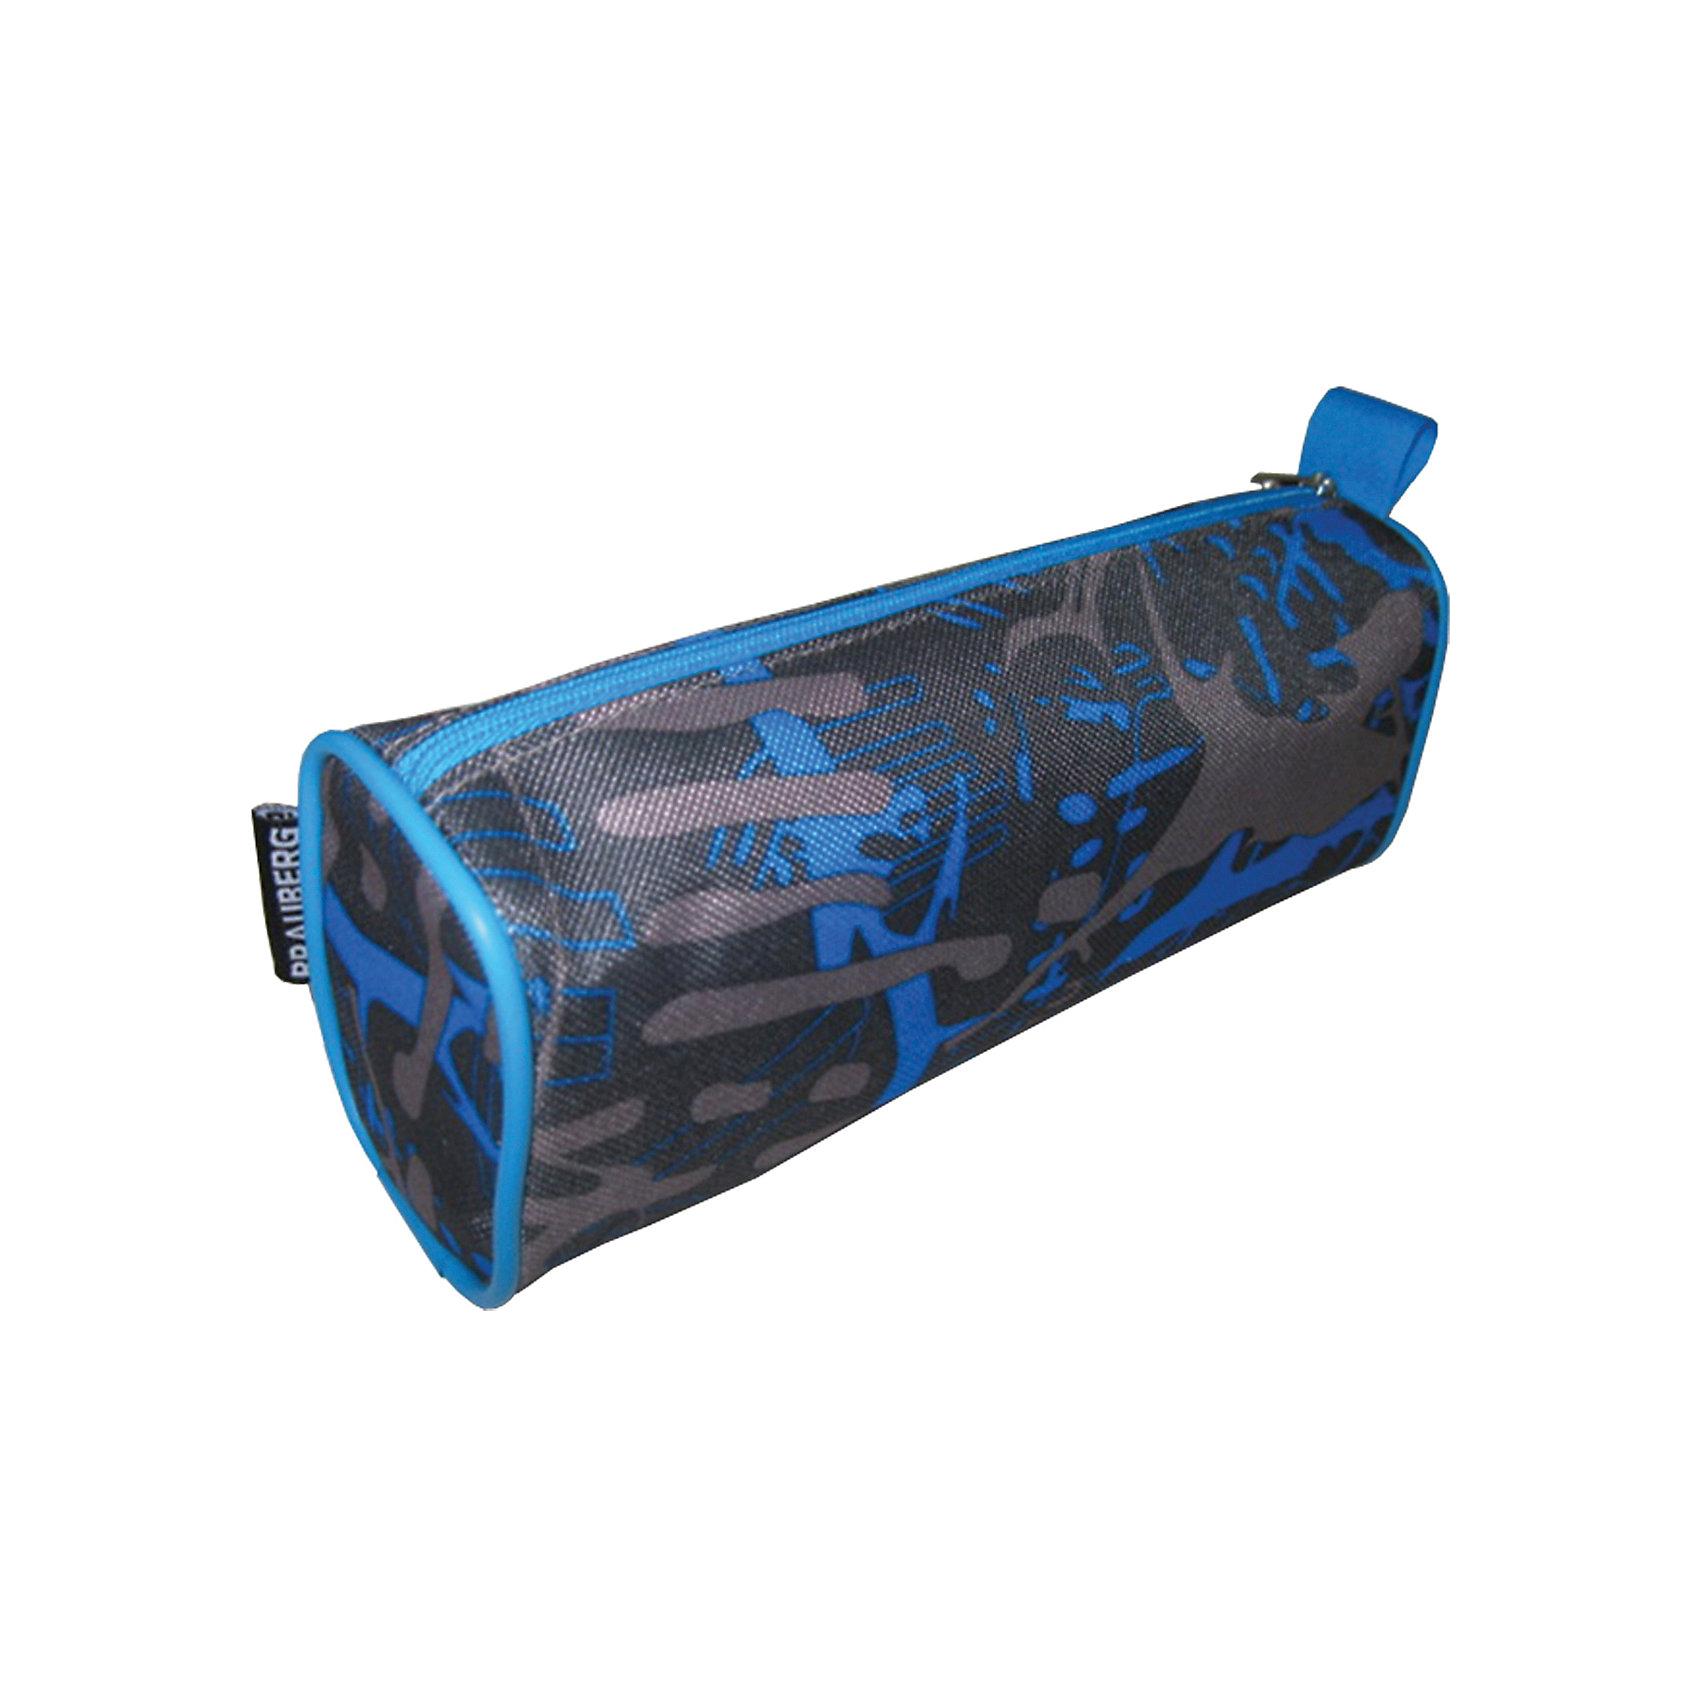 Пенал-тубус Brauberg ЭлементПеналы без наполнения<br>Удобный, легкий и вместительный пенал-косметичка выполнен в серо-синих тонах и отличается практичностью.•1 отделение. •Материал - полиэстер. •Размер - 21х6х8 см.<br><br>Ширина мм: 65<br>Глубина мм: 220<br>Высота мм: 70<br>Вес г: 57<br>Возраст от месяцев: 72<br>Возраст до месяцев: 2147483647<br>Пол: Мужской<br>Возраст: Детский<br>SKU: 6893798